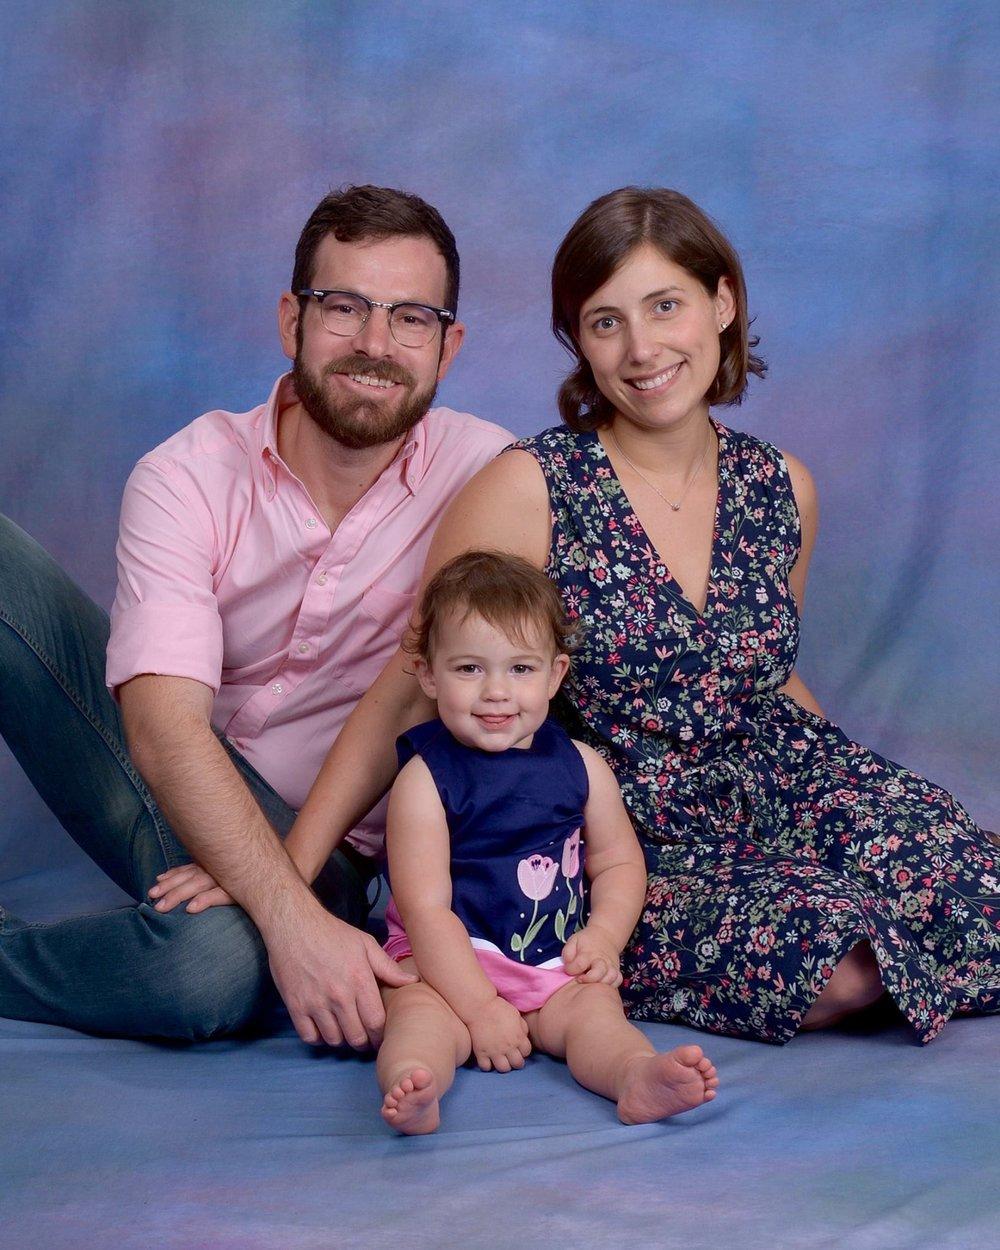 Steph Weird Family Photo.jpg